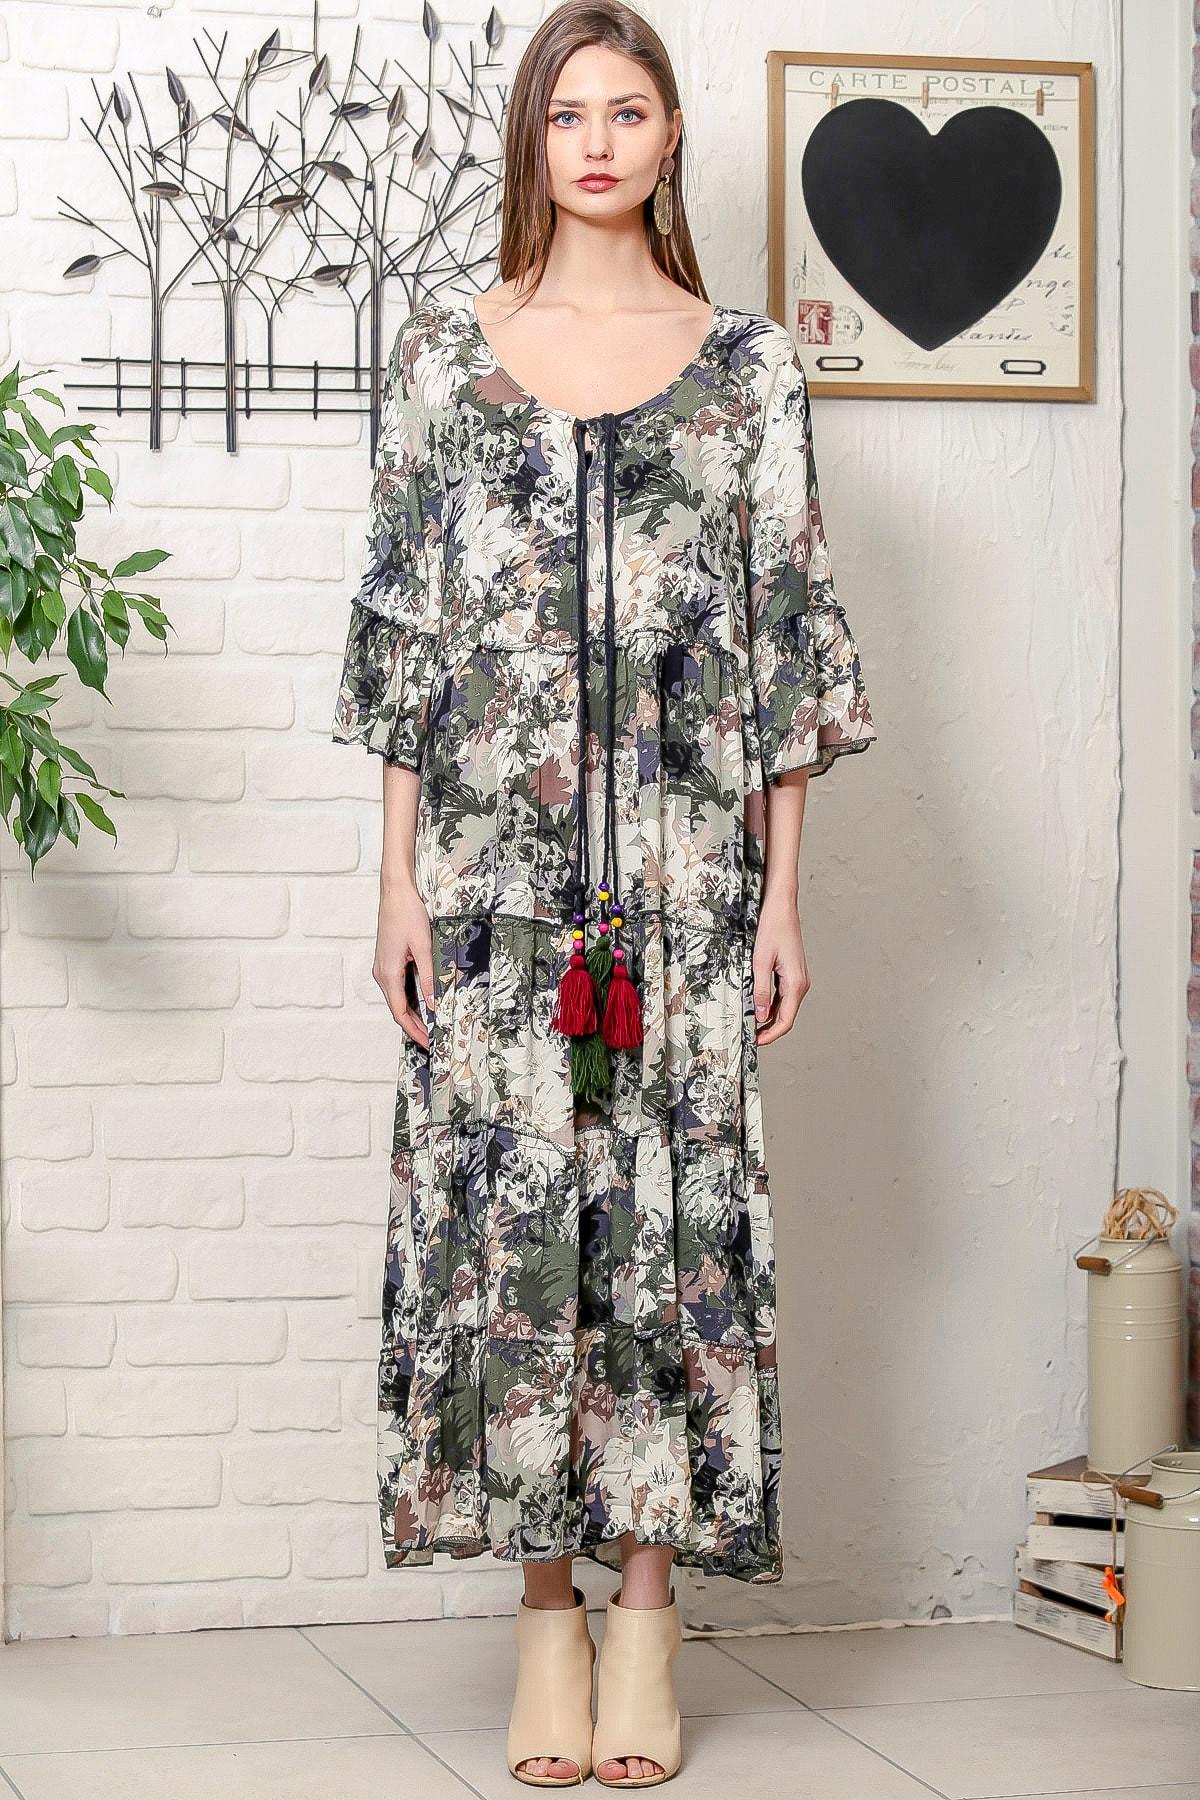 Chiccy Kadın Yeşil Romantik Çiçek Desenli Püskül Bağcıklı Kat Kat Salaş Uzun Elbise 3